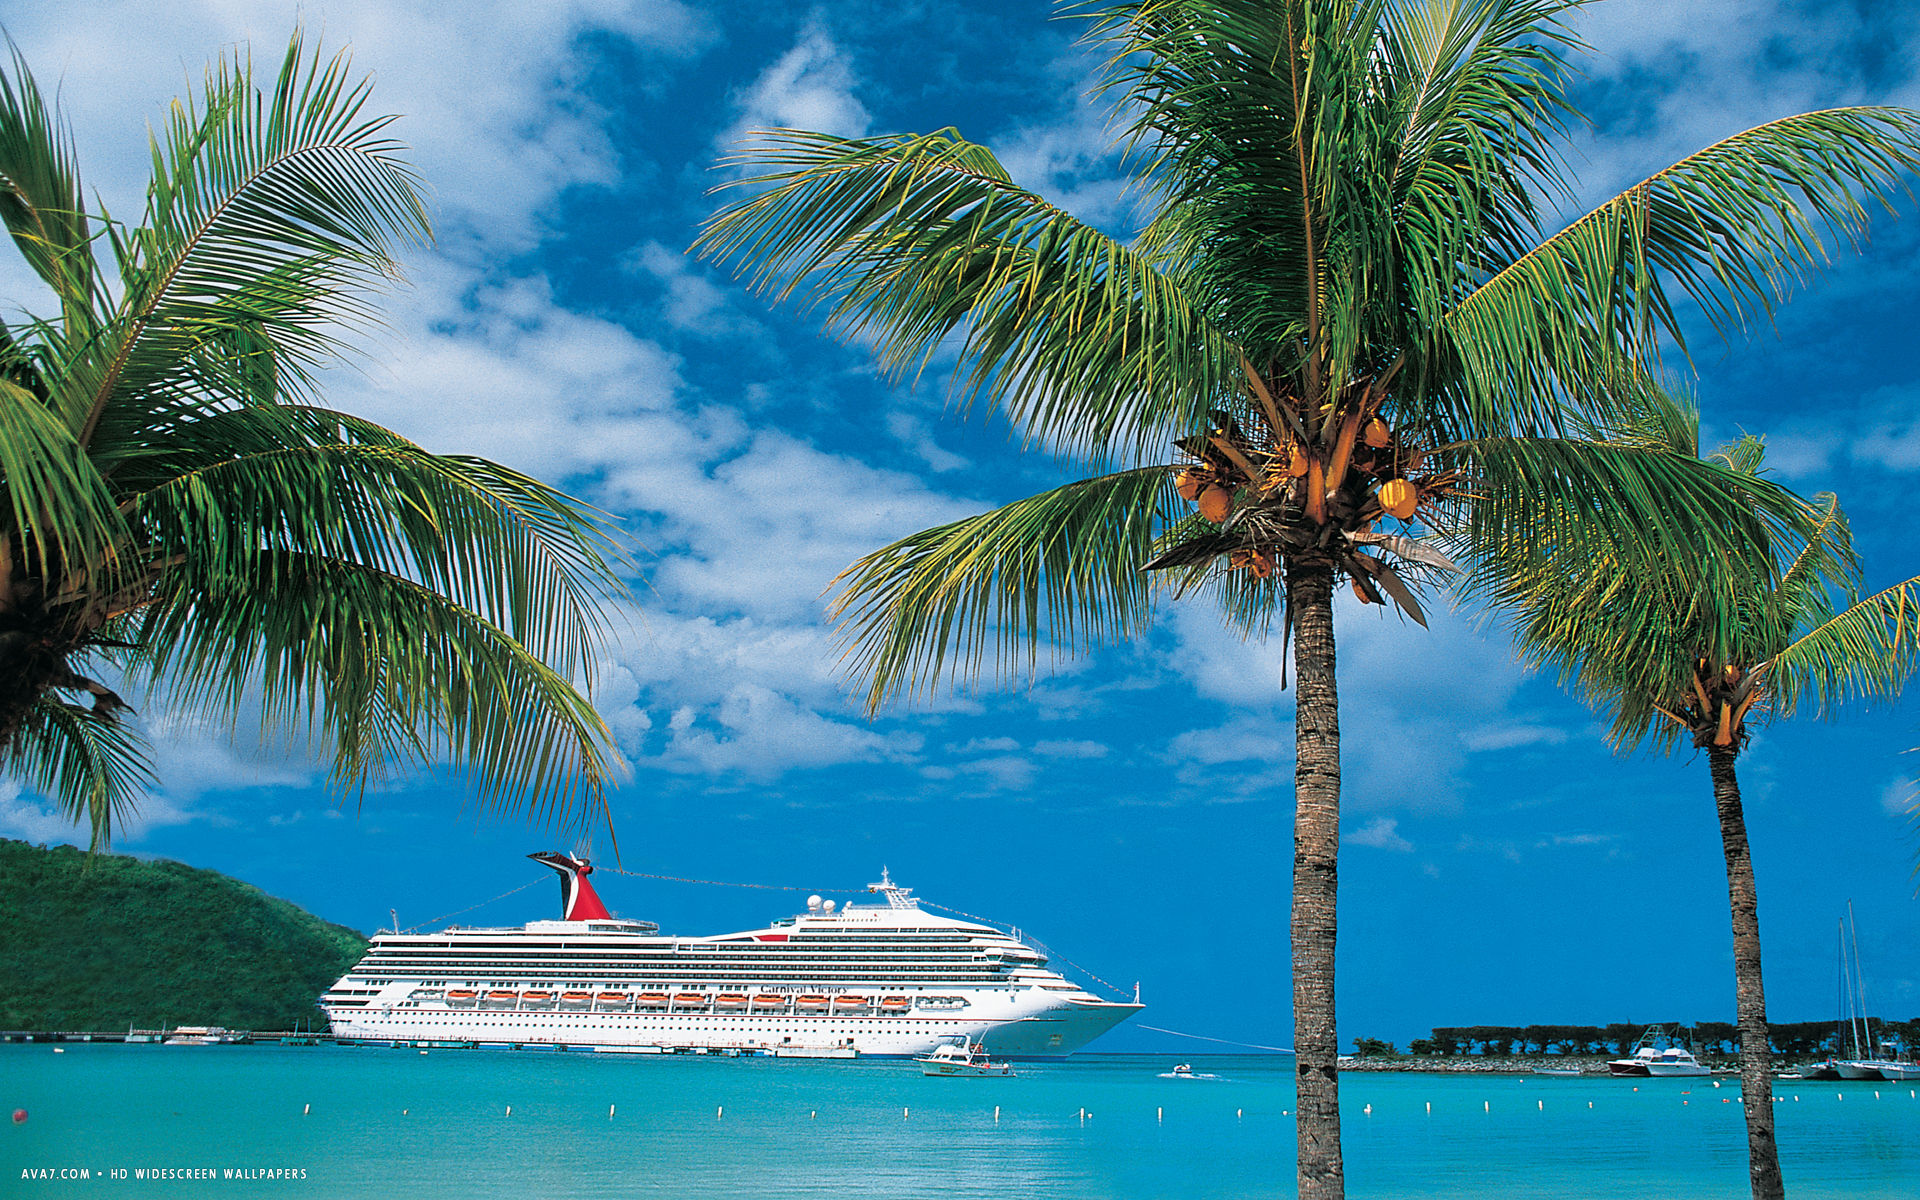 victory cruise ship hd widescreen wallpaper cruise ships backgrounds 1920x1200